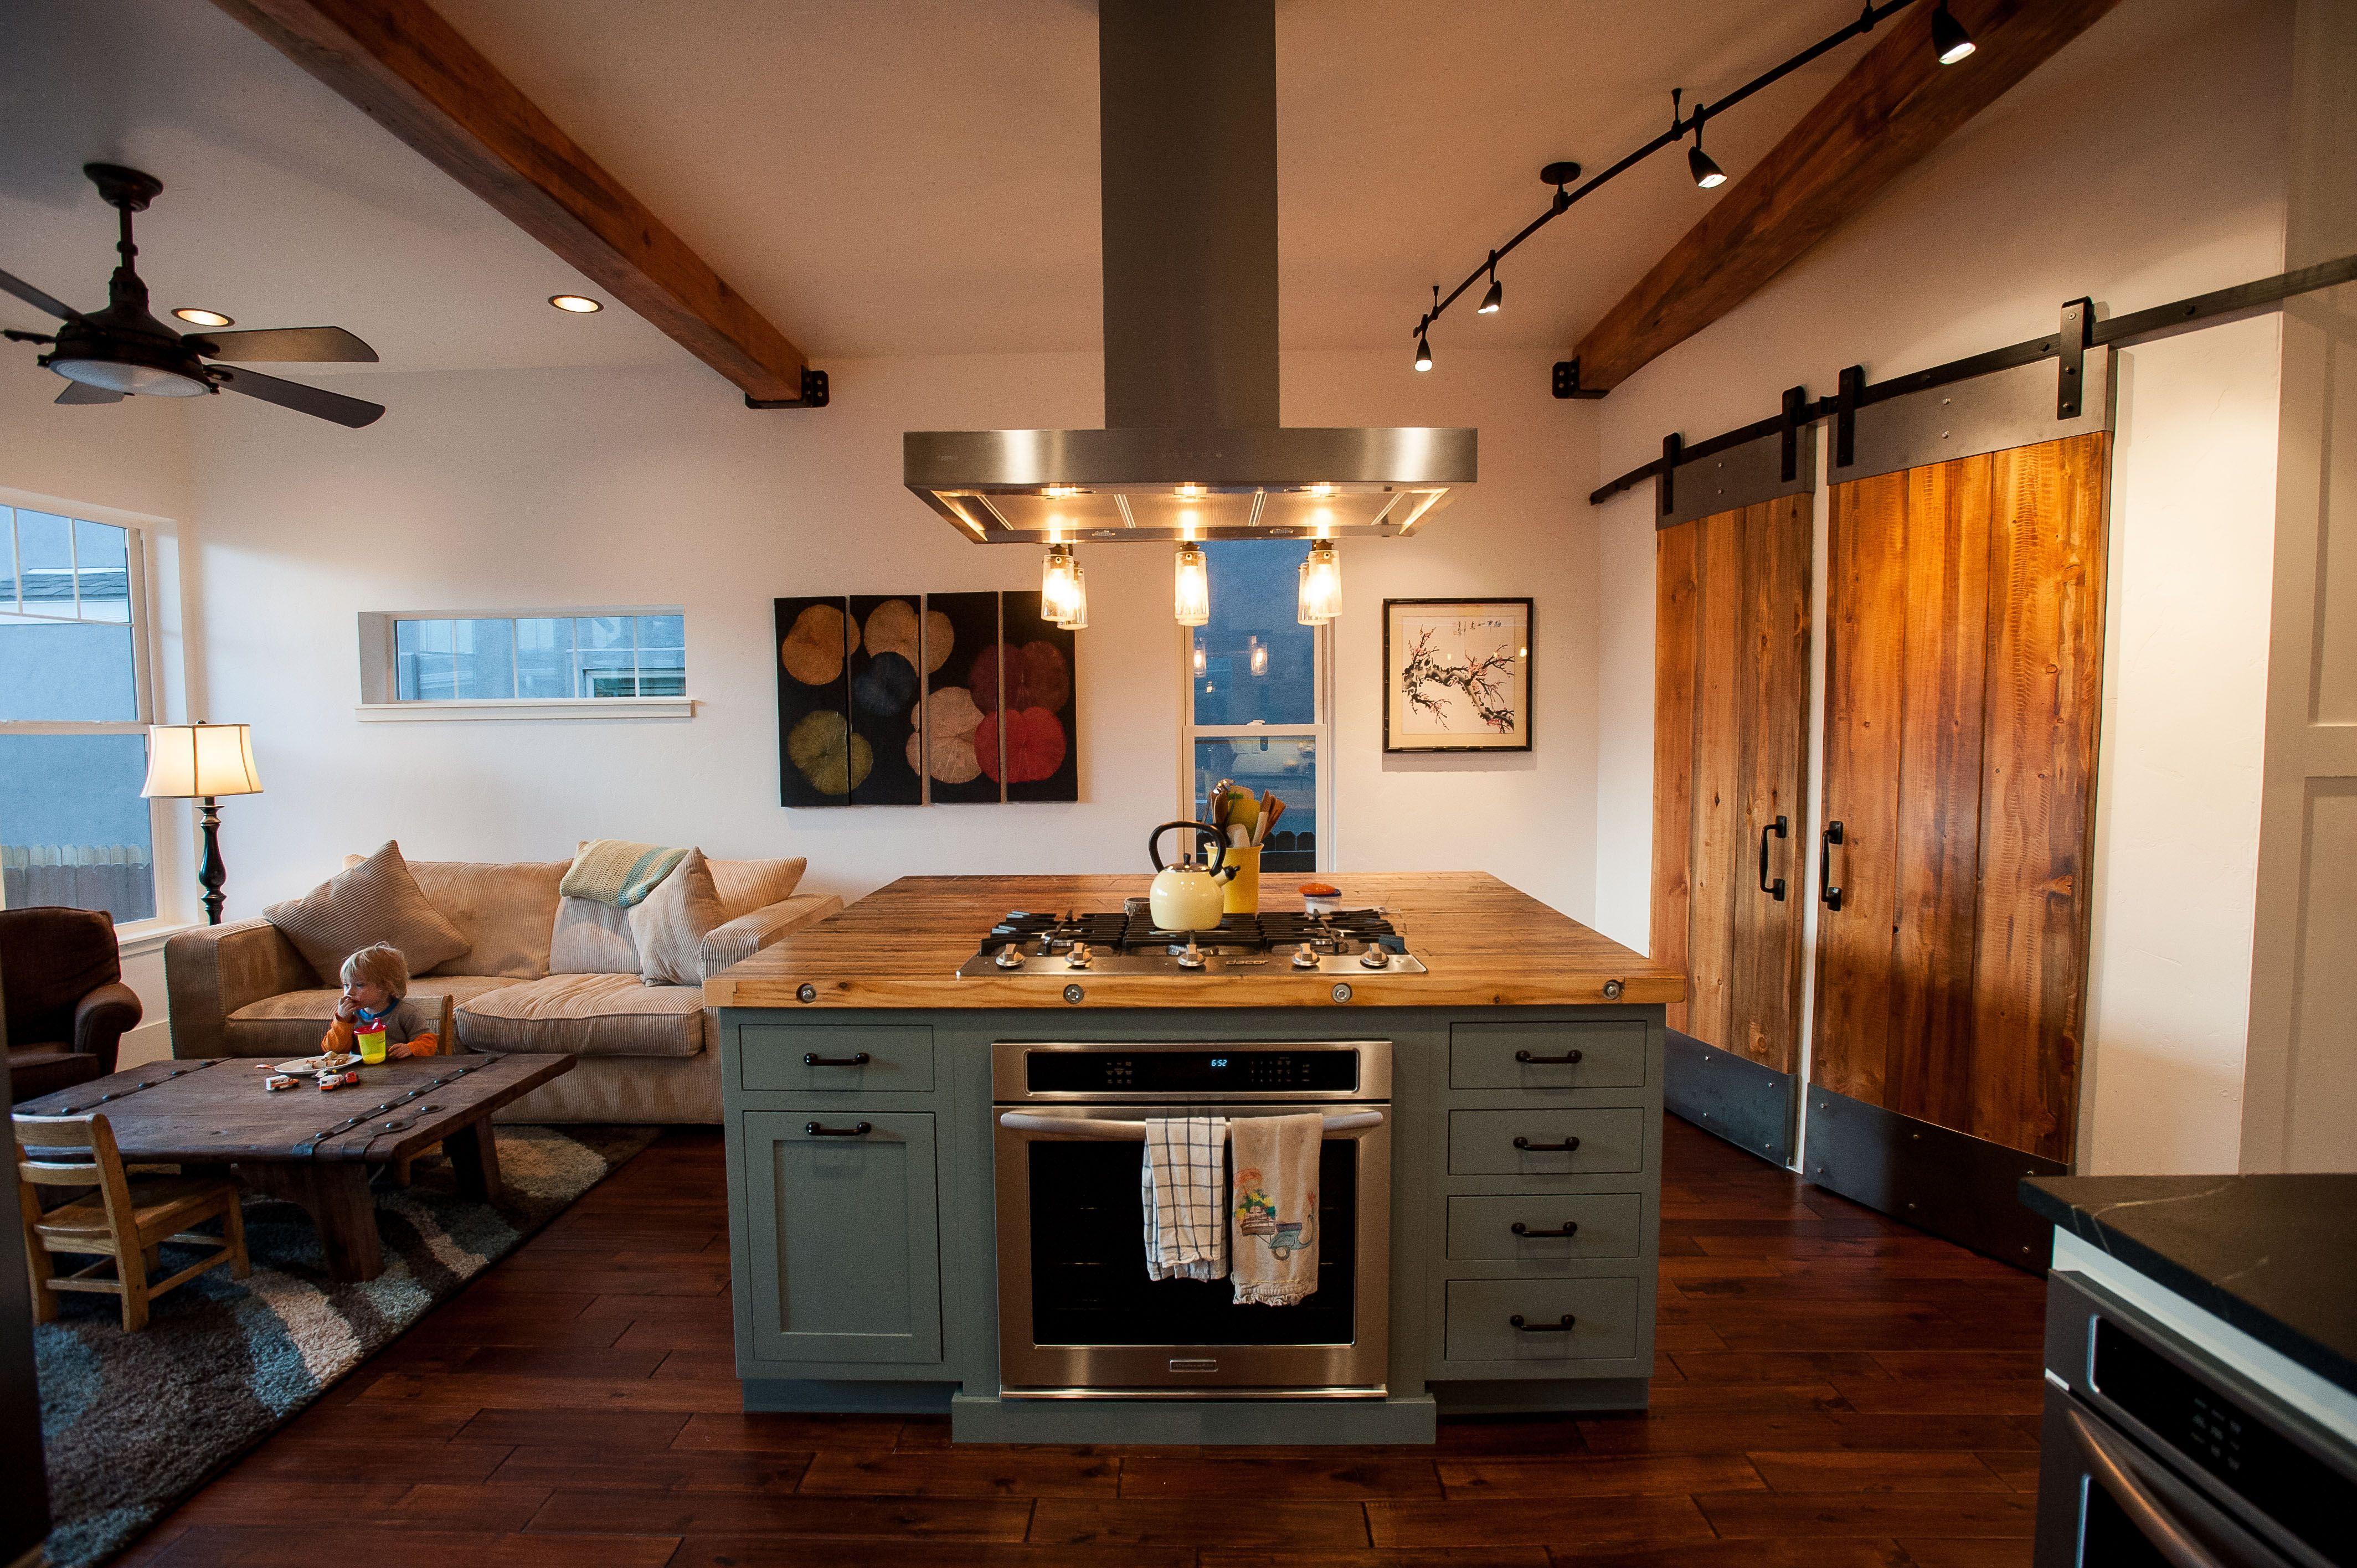 BKC Kitchen and Bath Denver kitchen remodel - Medallion Cabinetry ...